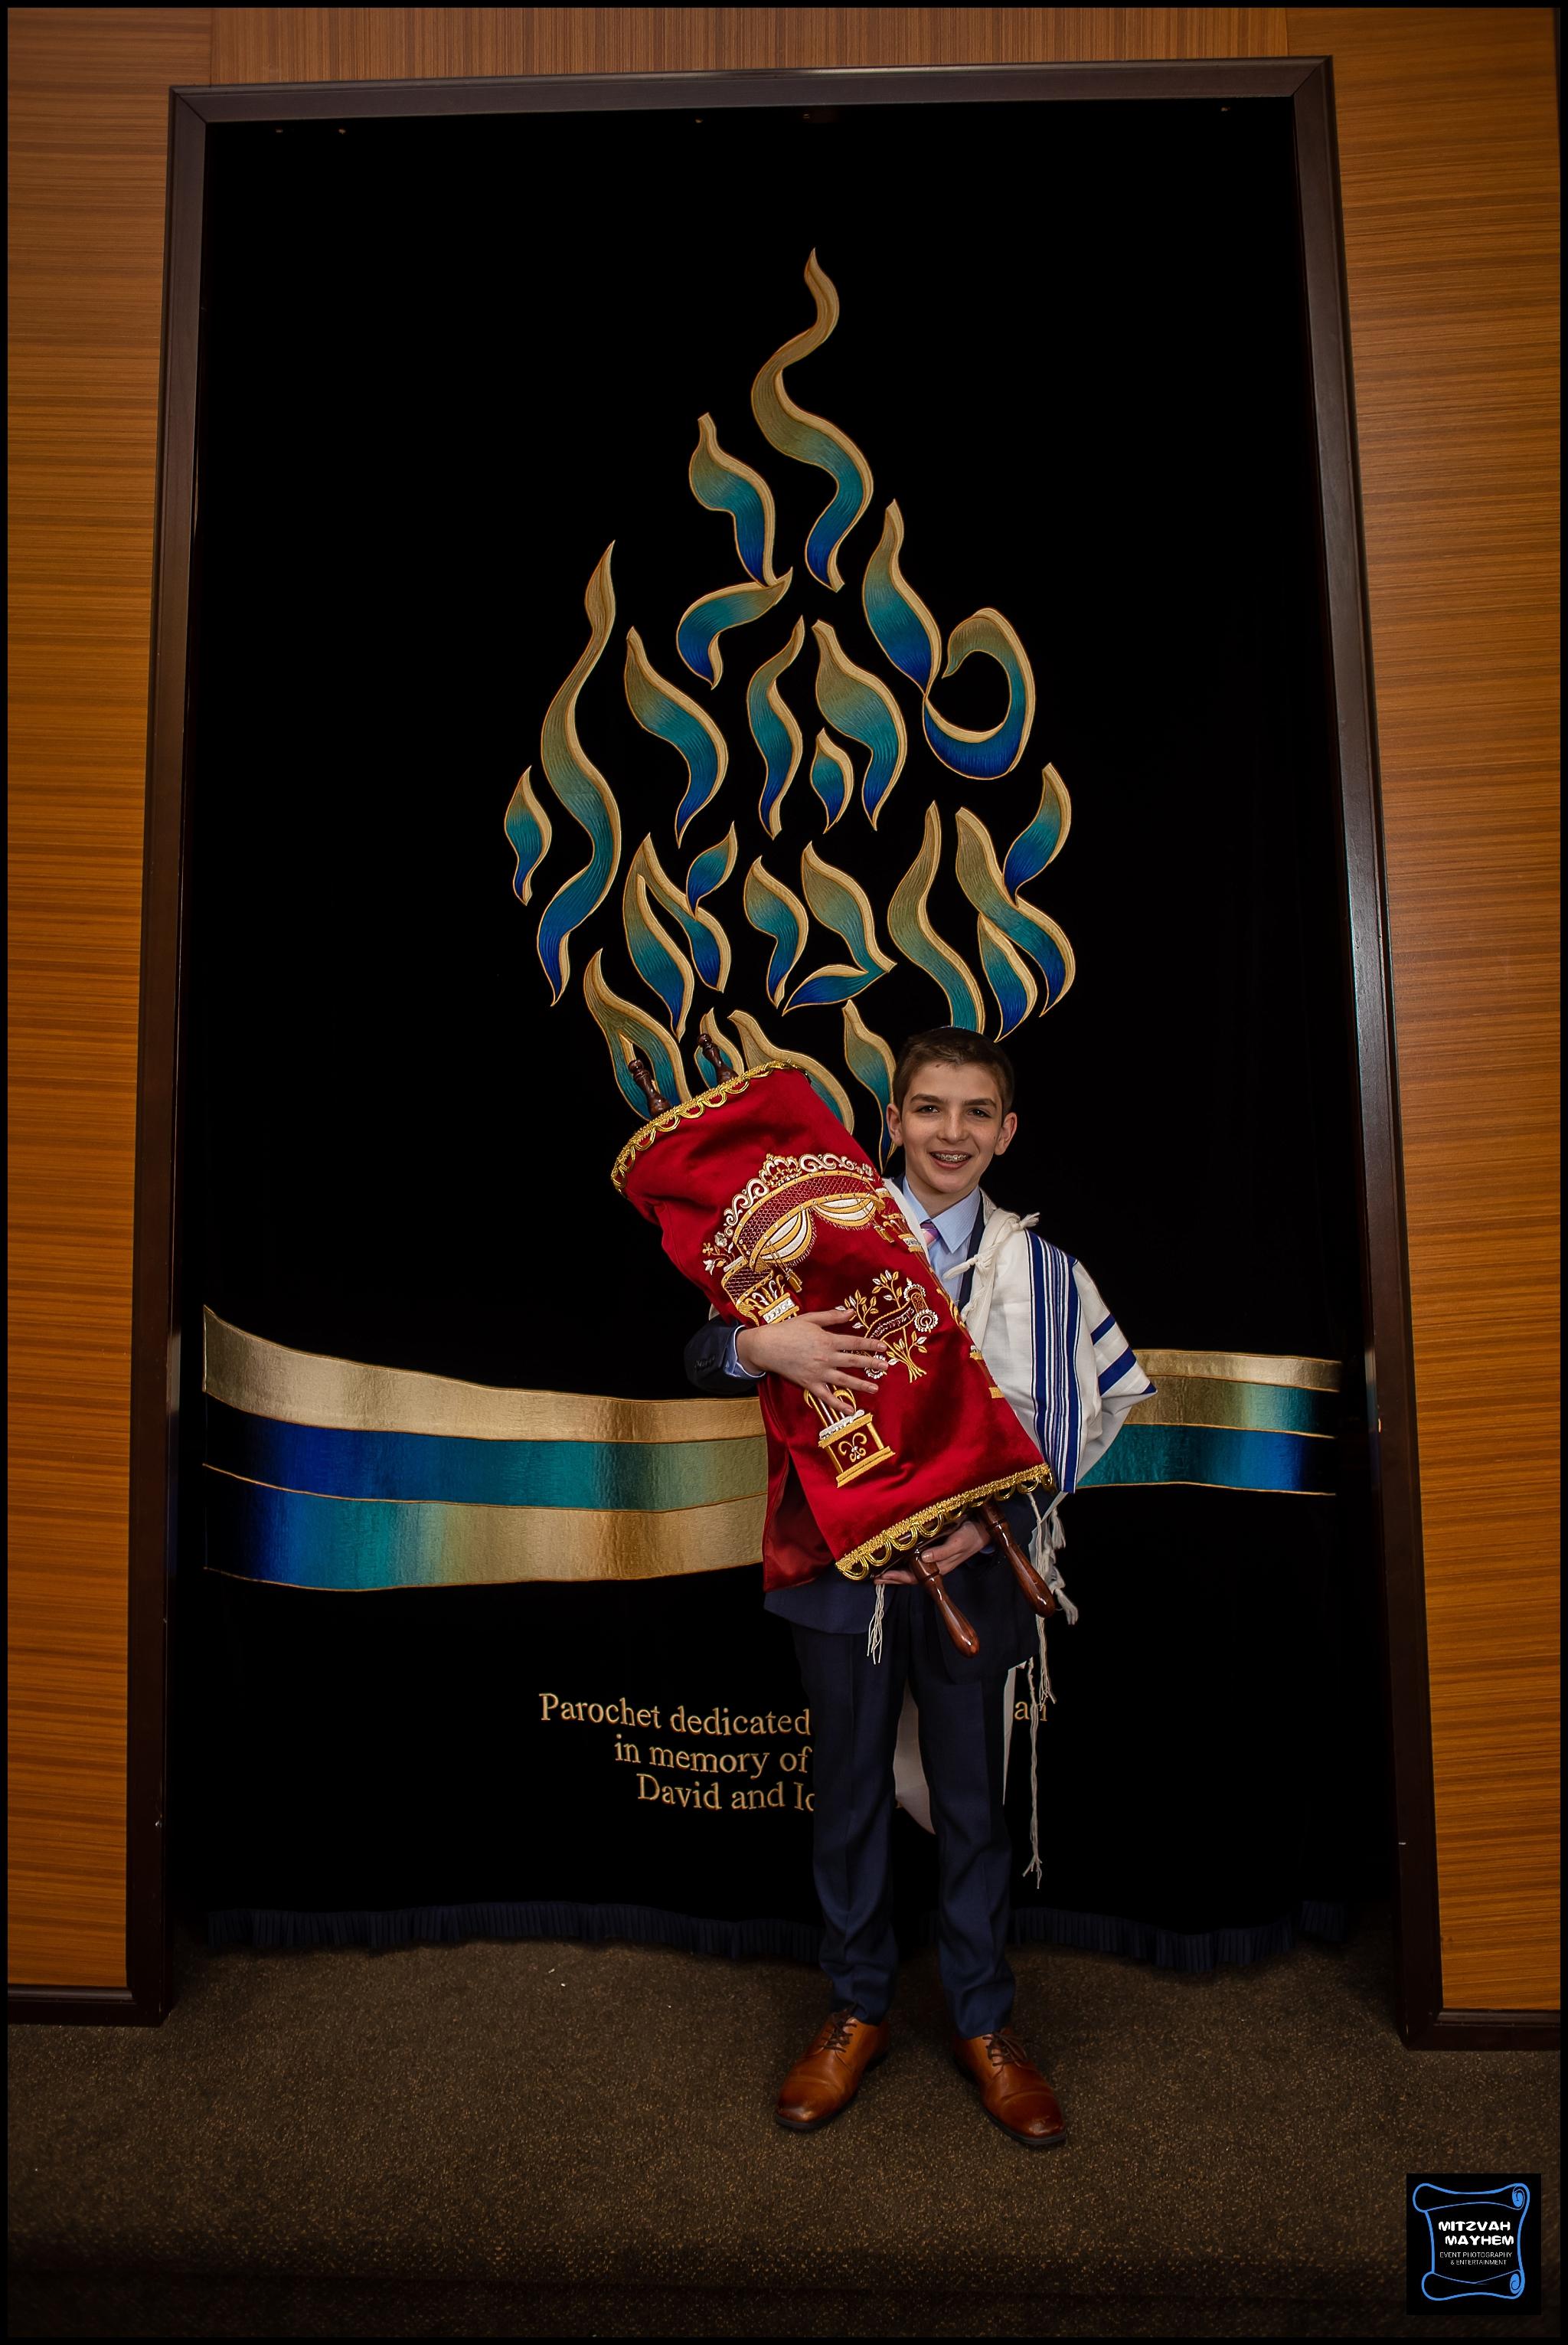 IMG_0321_nj-mizvah-mayhem-photographer-jonathan.jpg